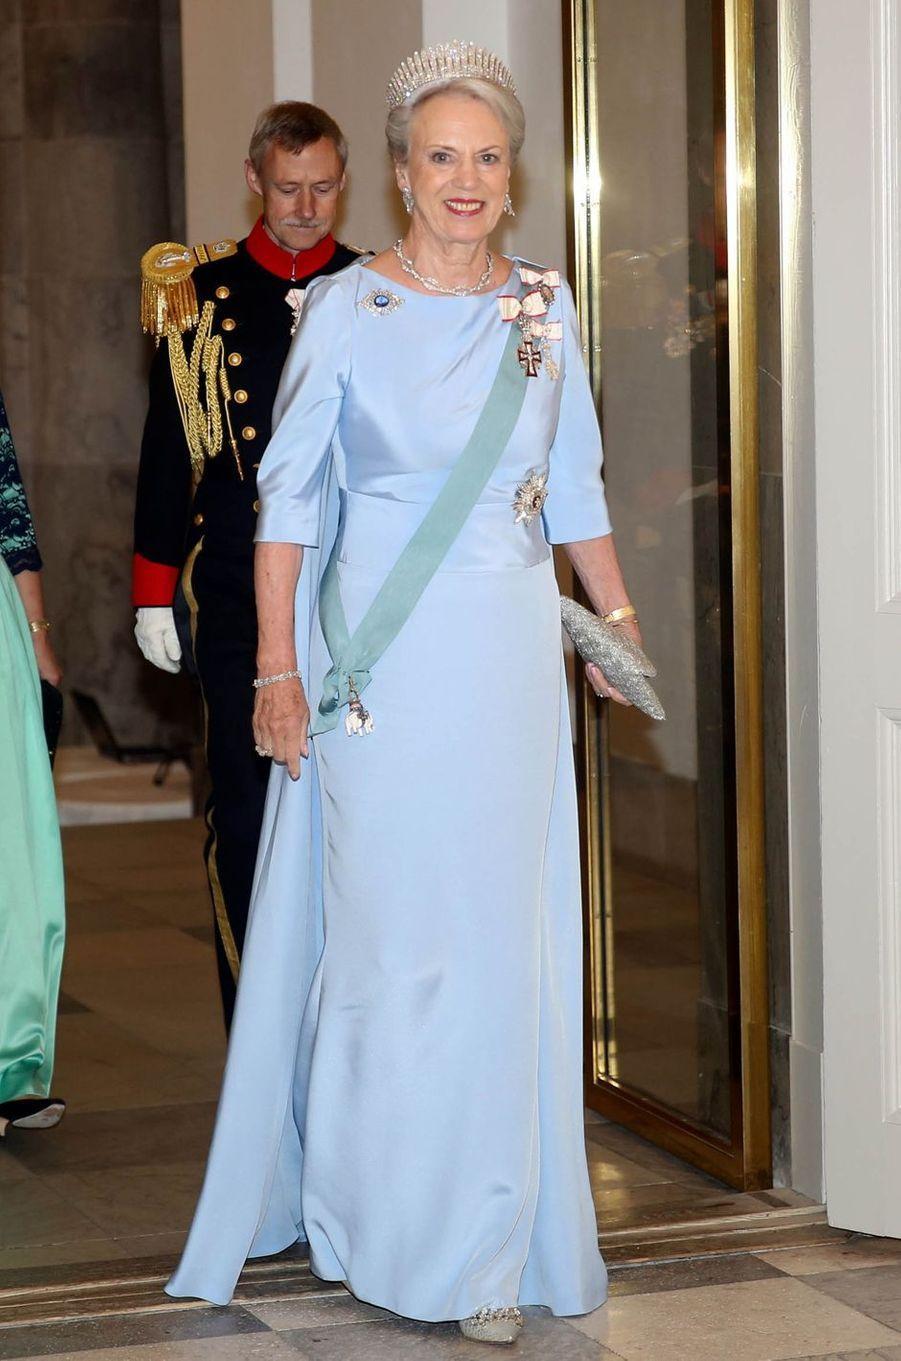 La princesse Benedikte de Danemark à Copenhague, le 26 mai 2018